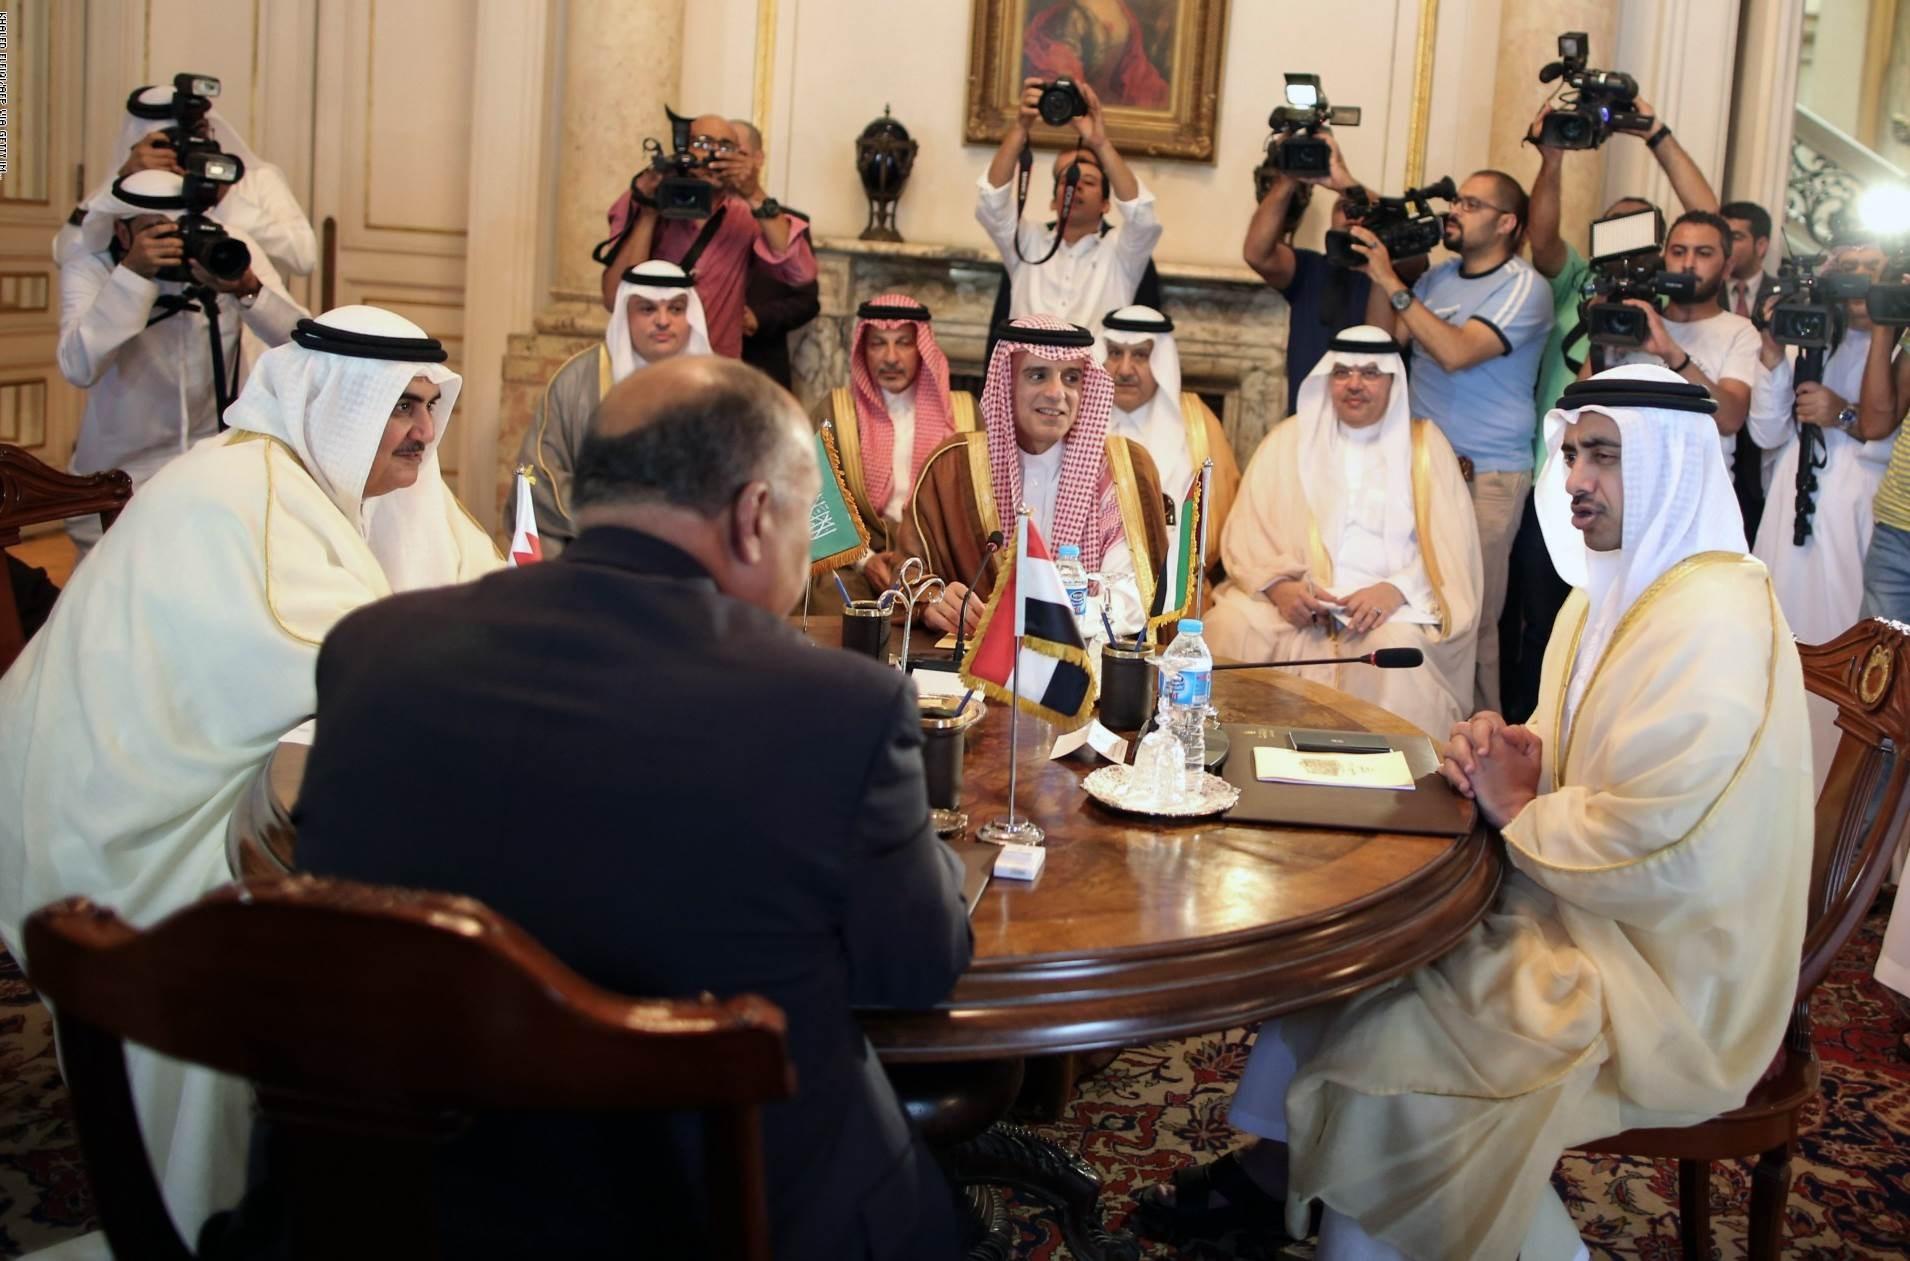 لا يبدو أنَّ قطر تولي الحوار مع الإمارات الاهتمام، فالصراع بينهما إقليمي في ذروته (أرشيف)